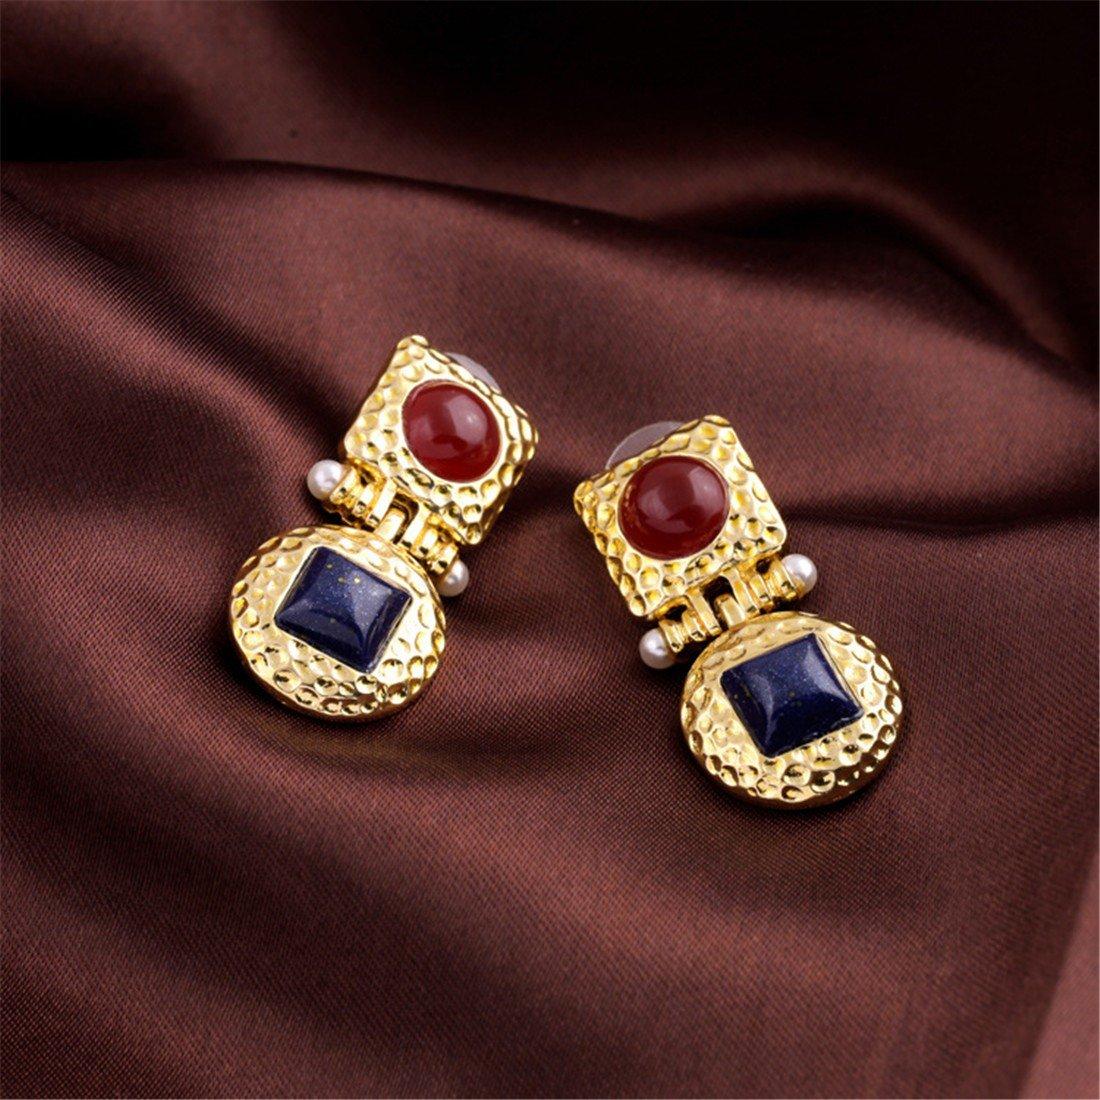 ball earrings clip on earrings ear cuffs dangle earrings earring jackets hoop earrings stud earrings European and American Earrings